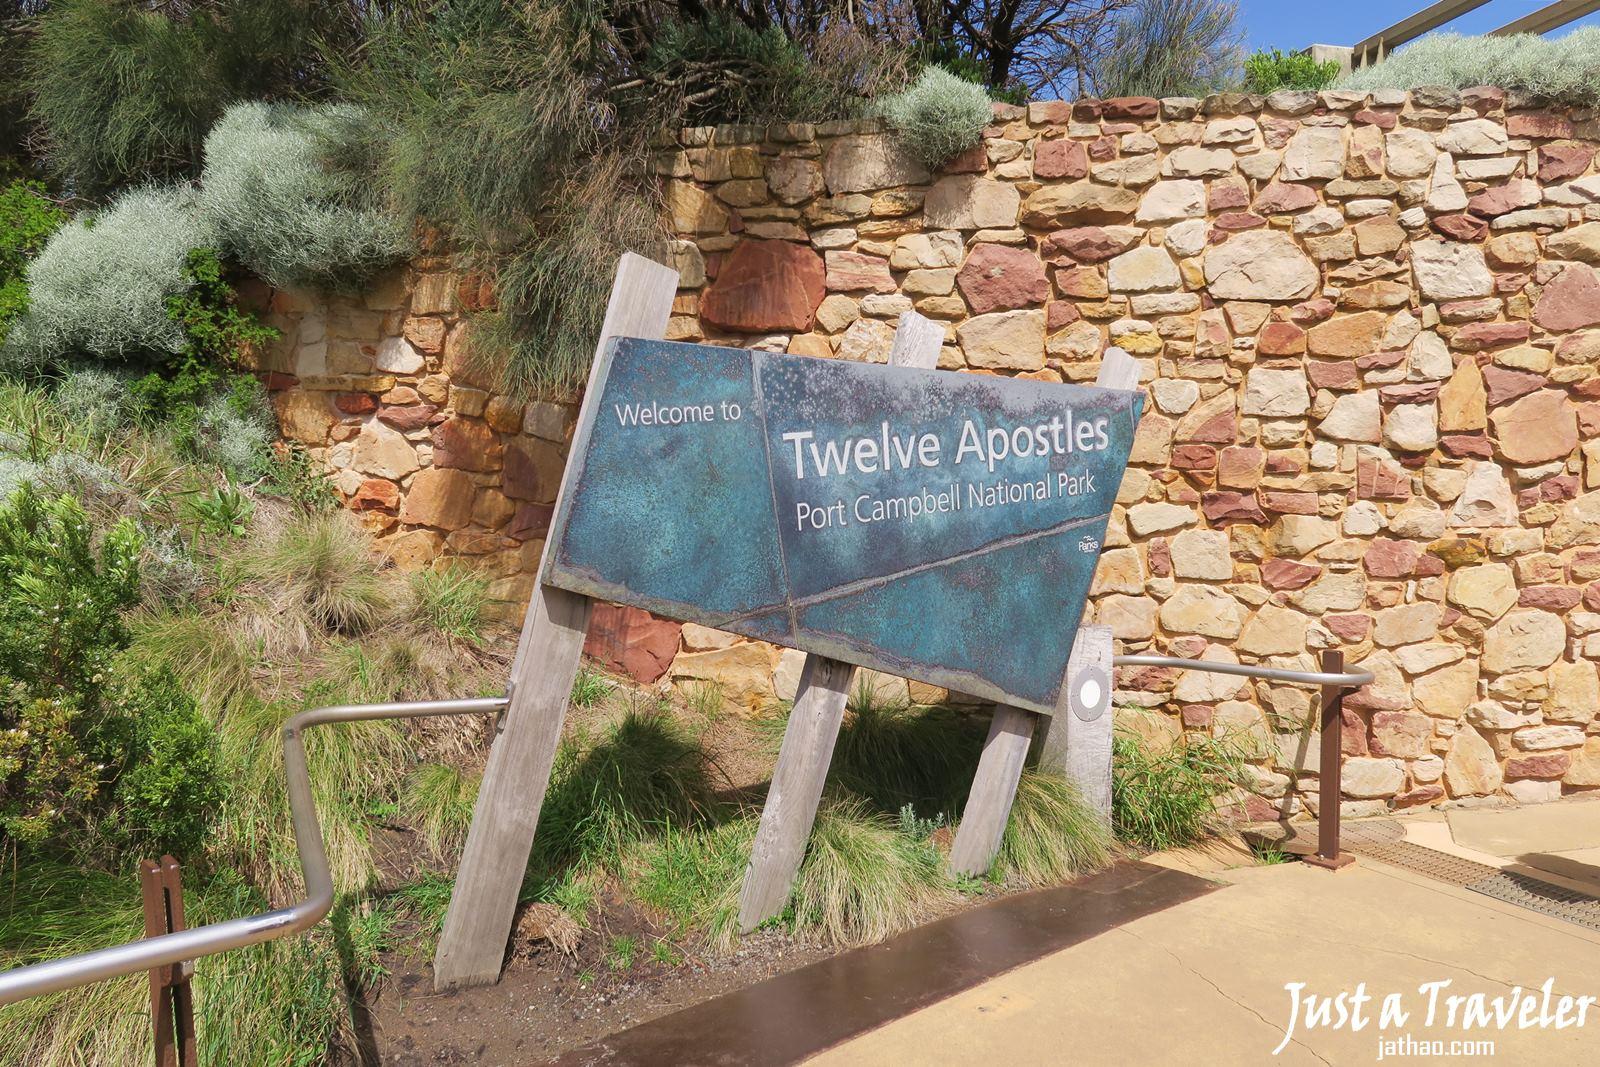 墨爾本-大洋路-景點-十二門徒-The-12-Apostles-推薦-一日遊-二日遊-自由行-行程-旅遊-跟團-交通-自駕-住宿-澳洲-Melbourne-Great-Ocean-Road-Travel-Tour-Australia